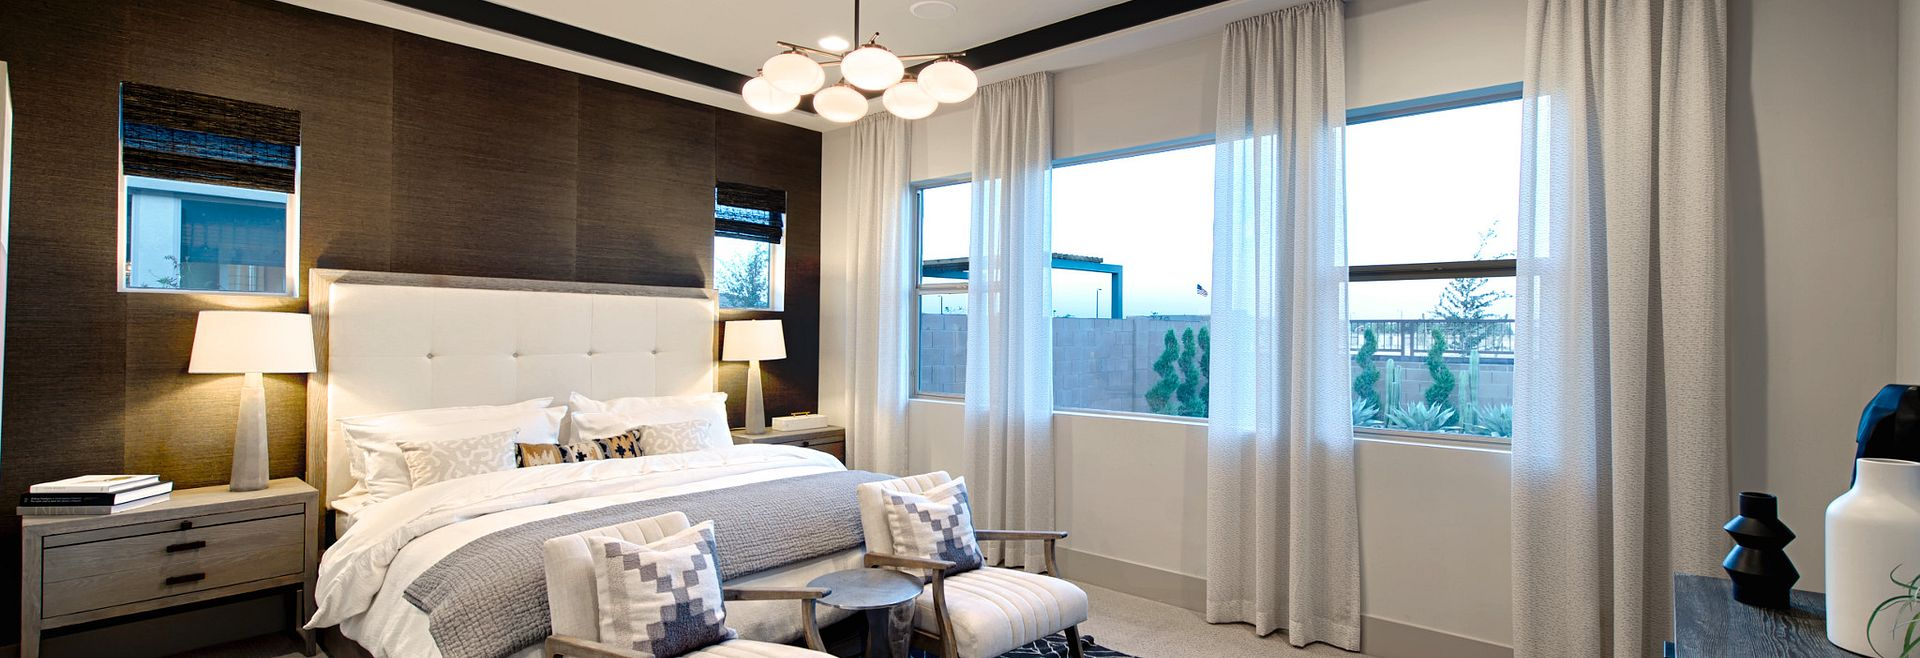 Plan 5013 Master Bedroom